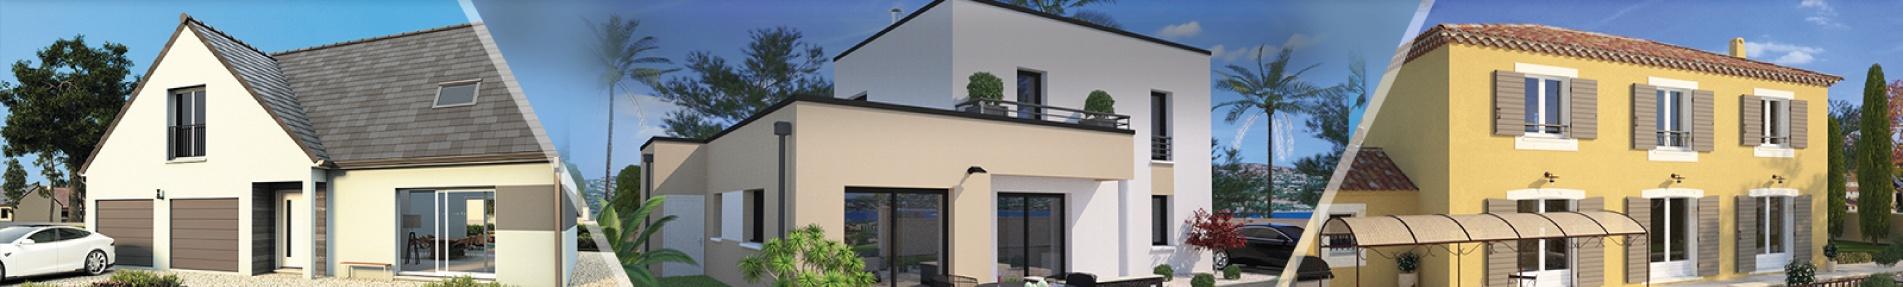 Votre projet de qualité avec Maisons France Confort